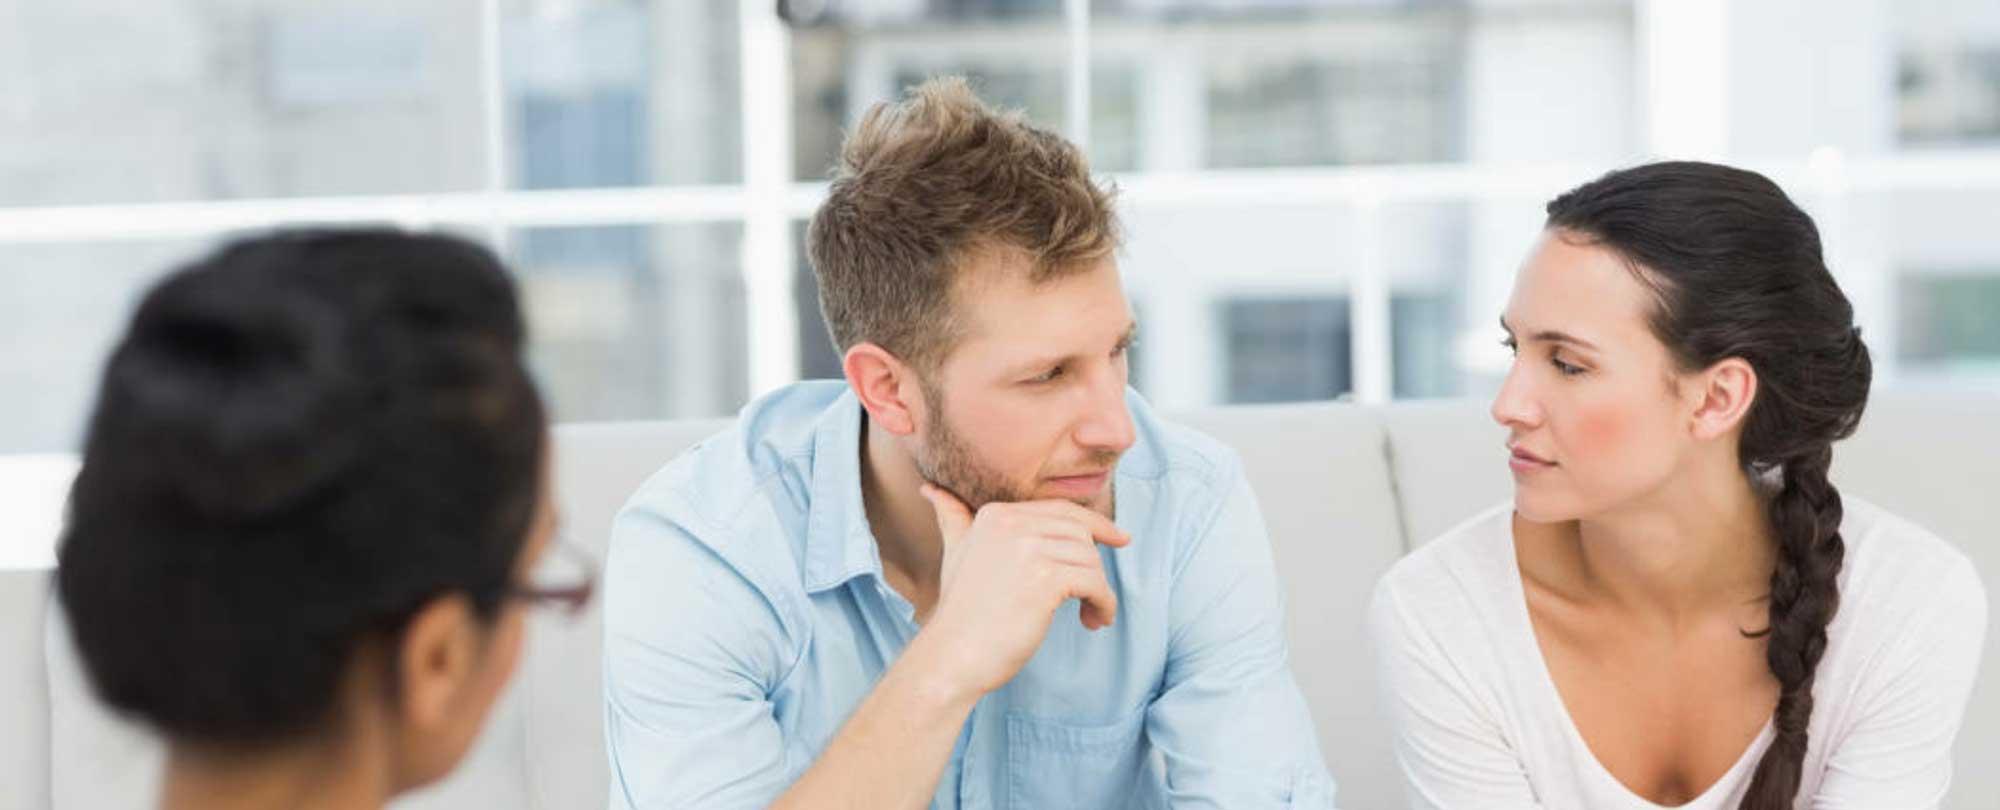 Preparing for divorce mediation